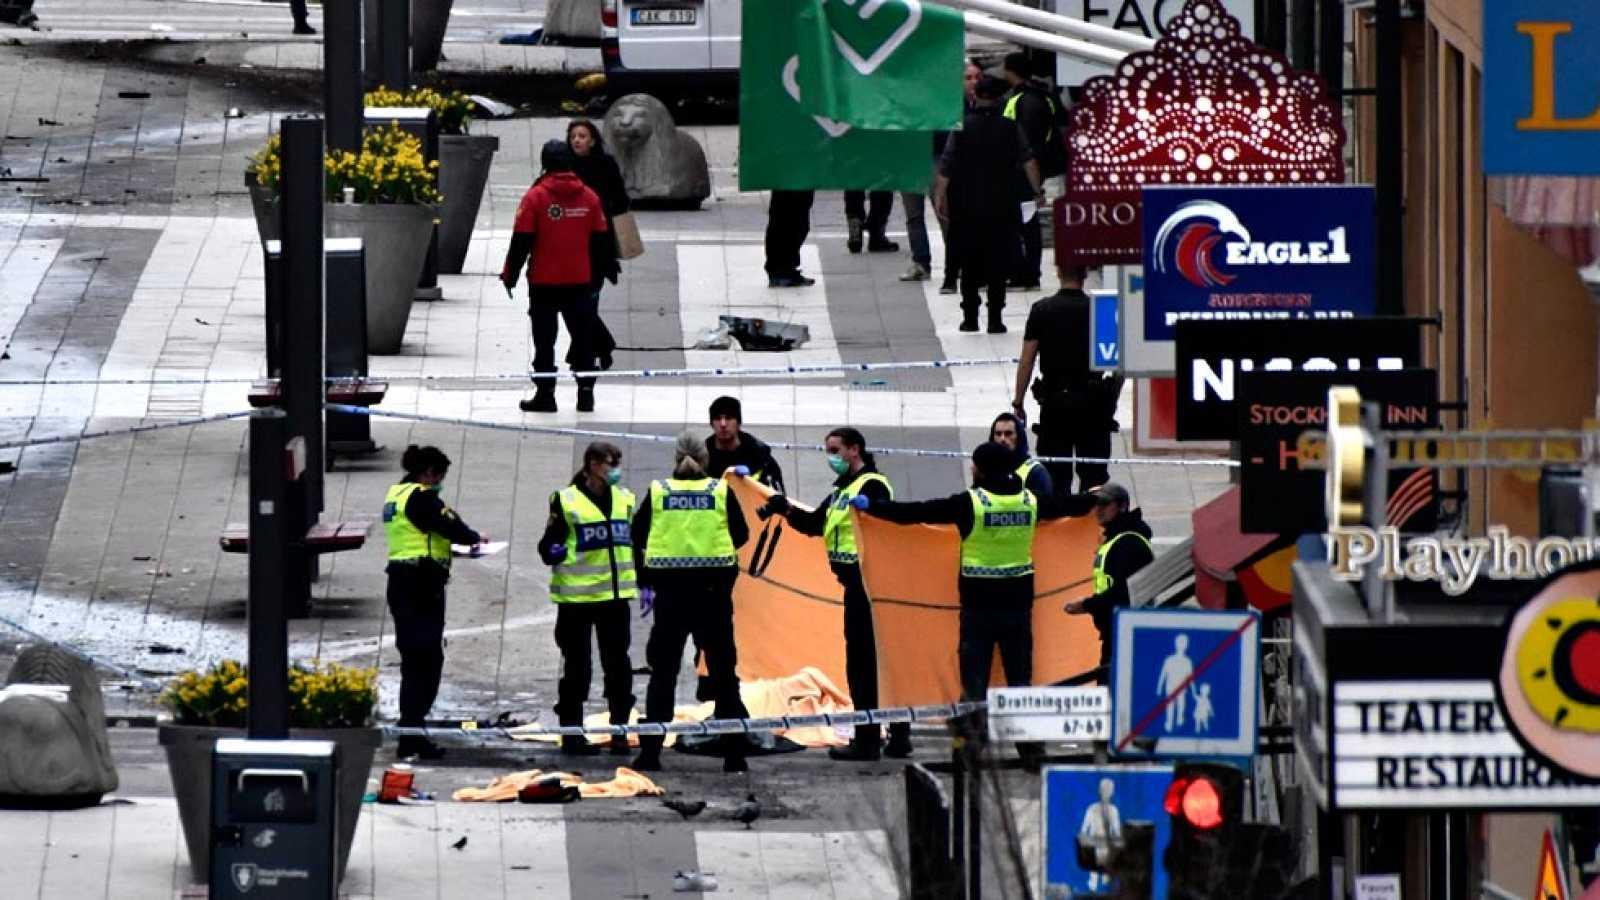 Un camión arrolla a la multitud en Estocolmo y mata a cuatro personas